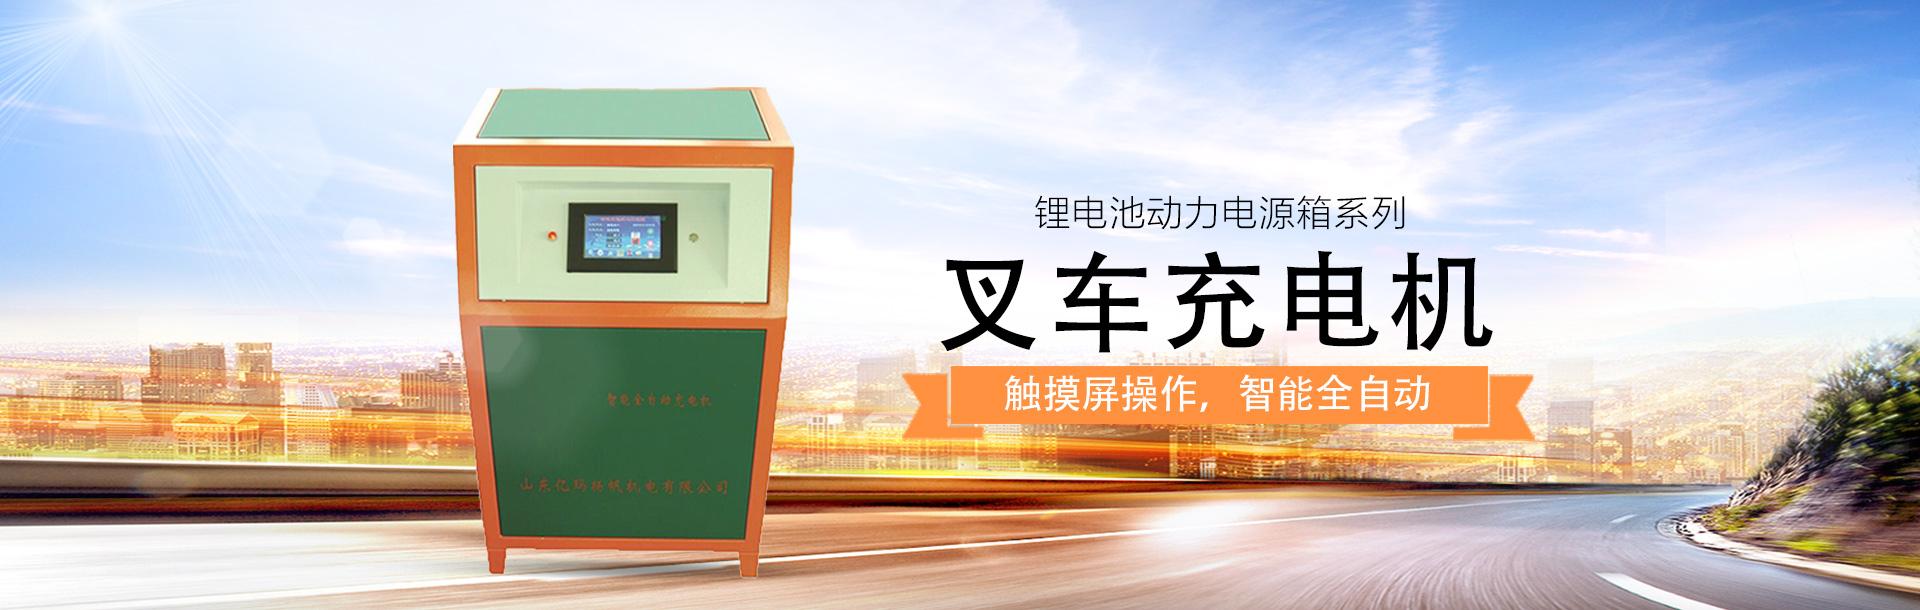 YM-BMS电池智能管理系统